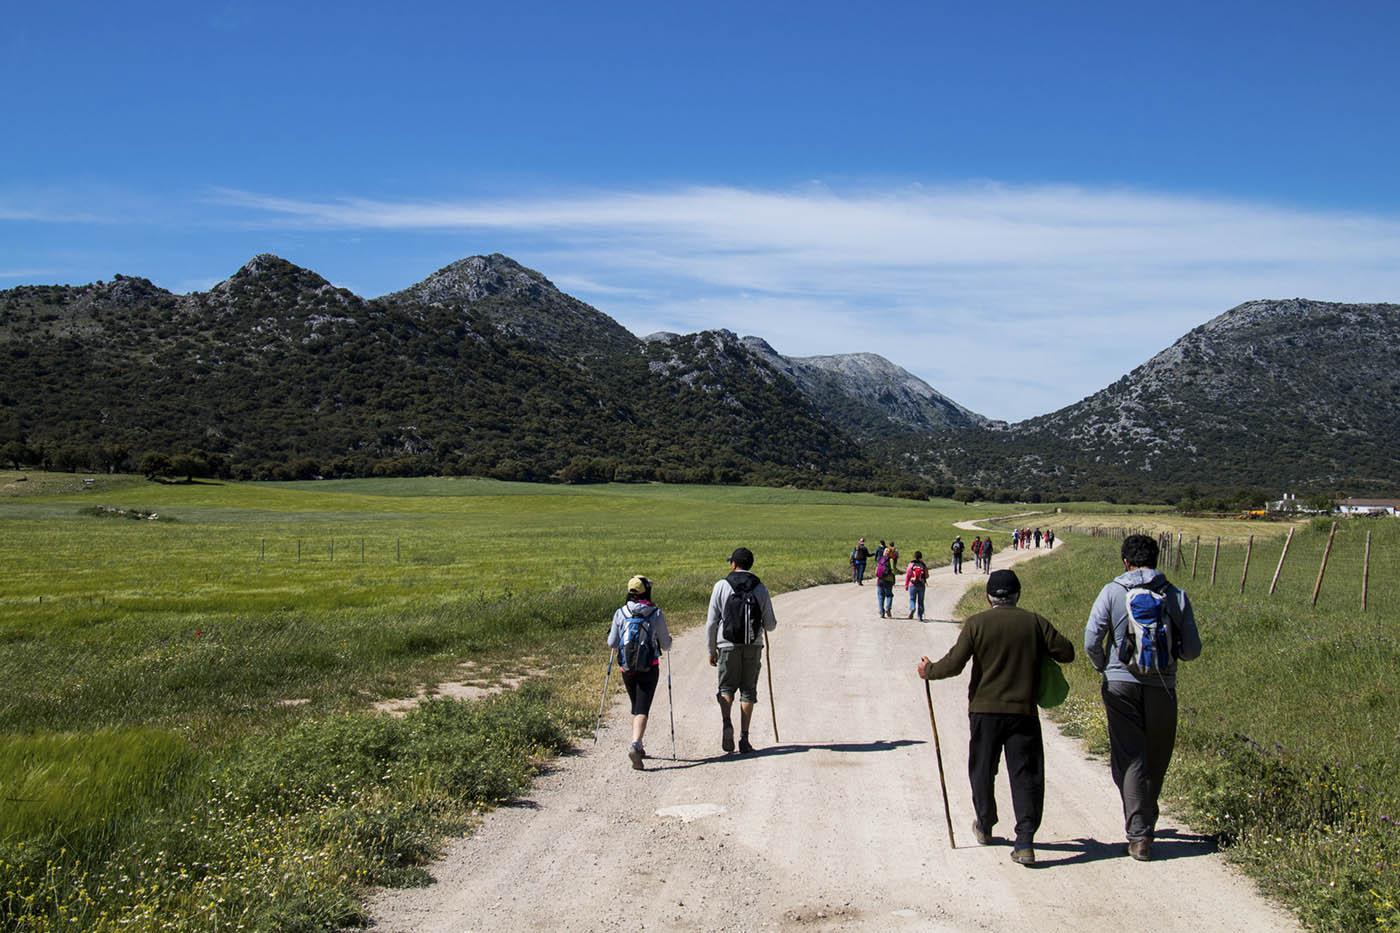 Rutas de senderismo para el ayuntamiento de Casares